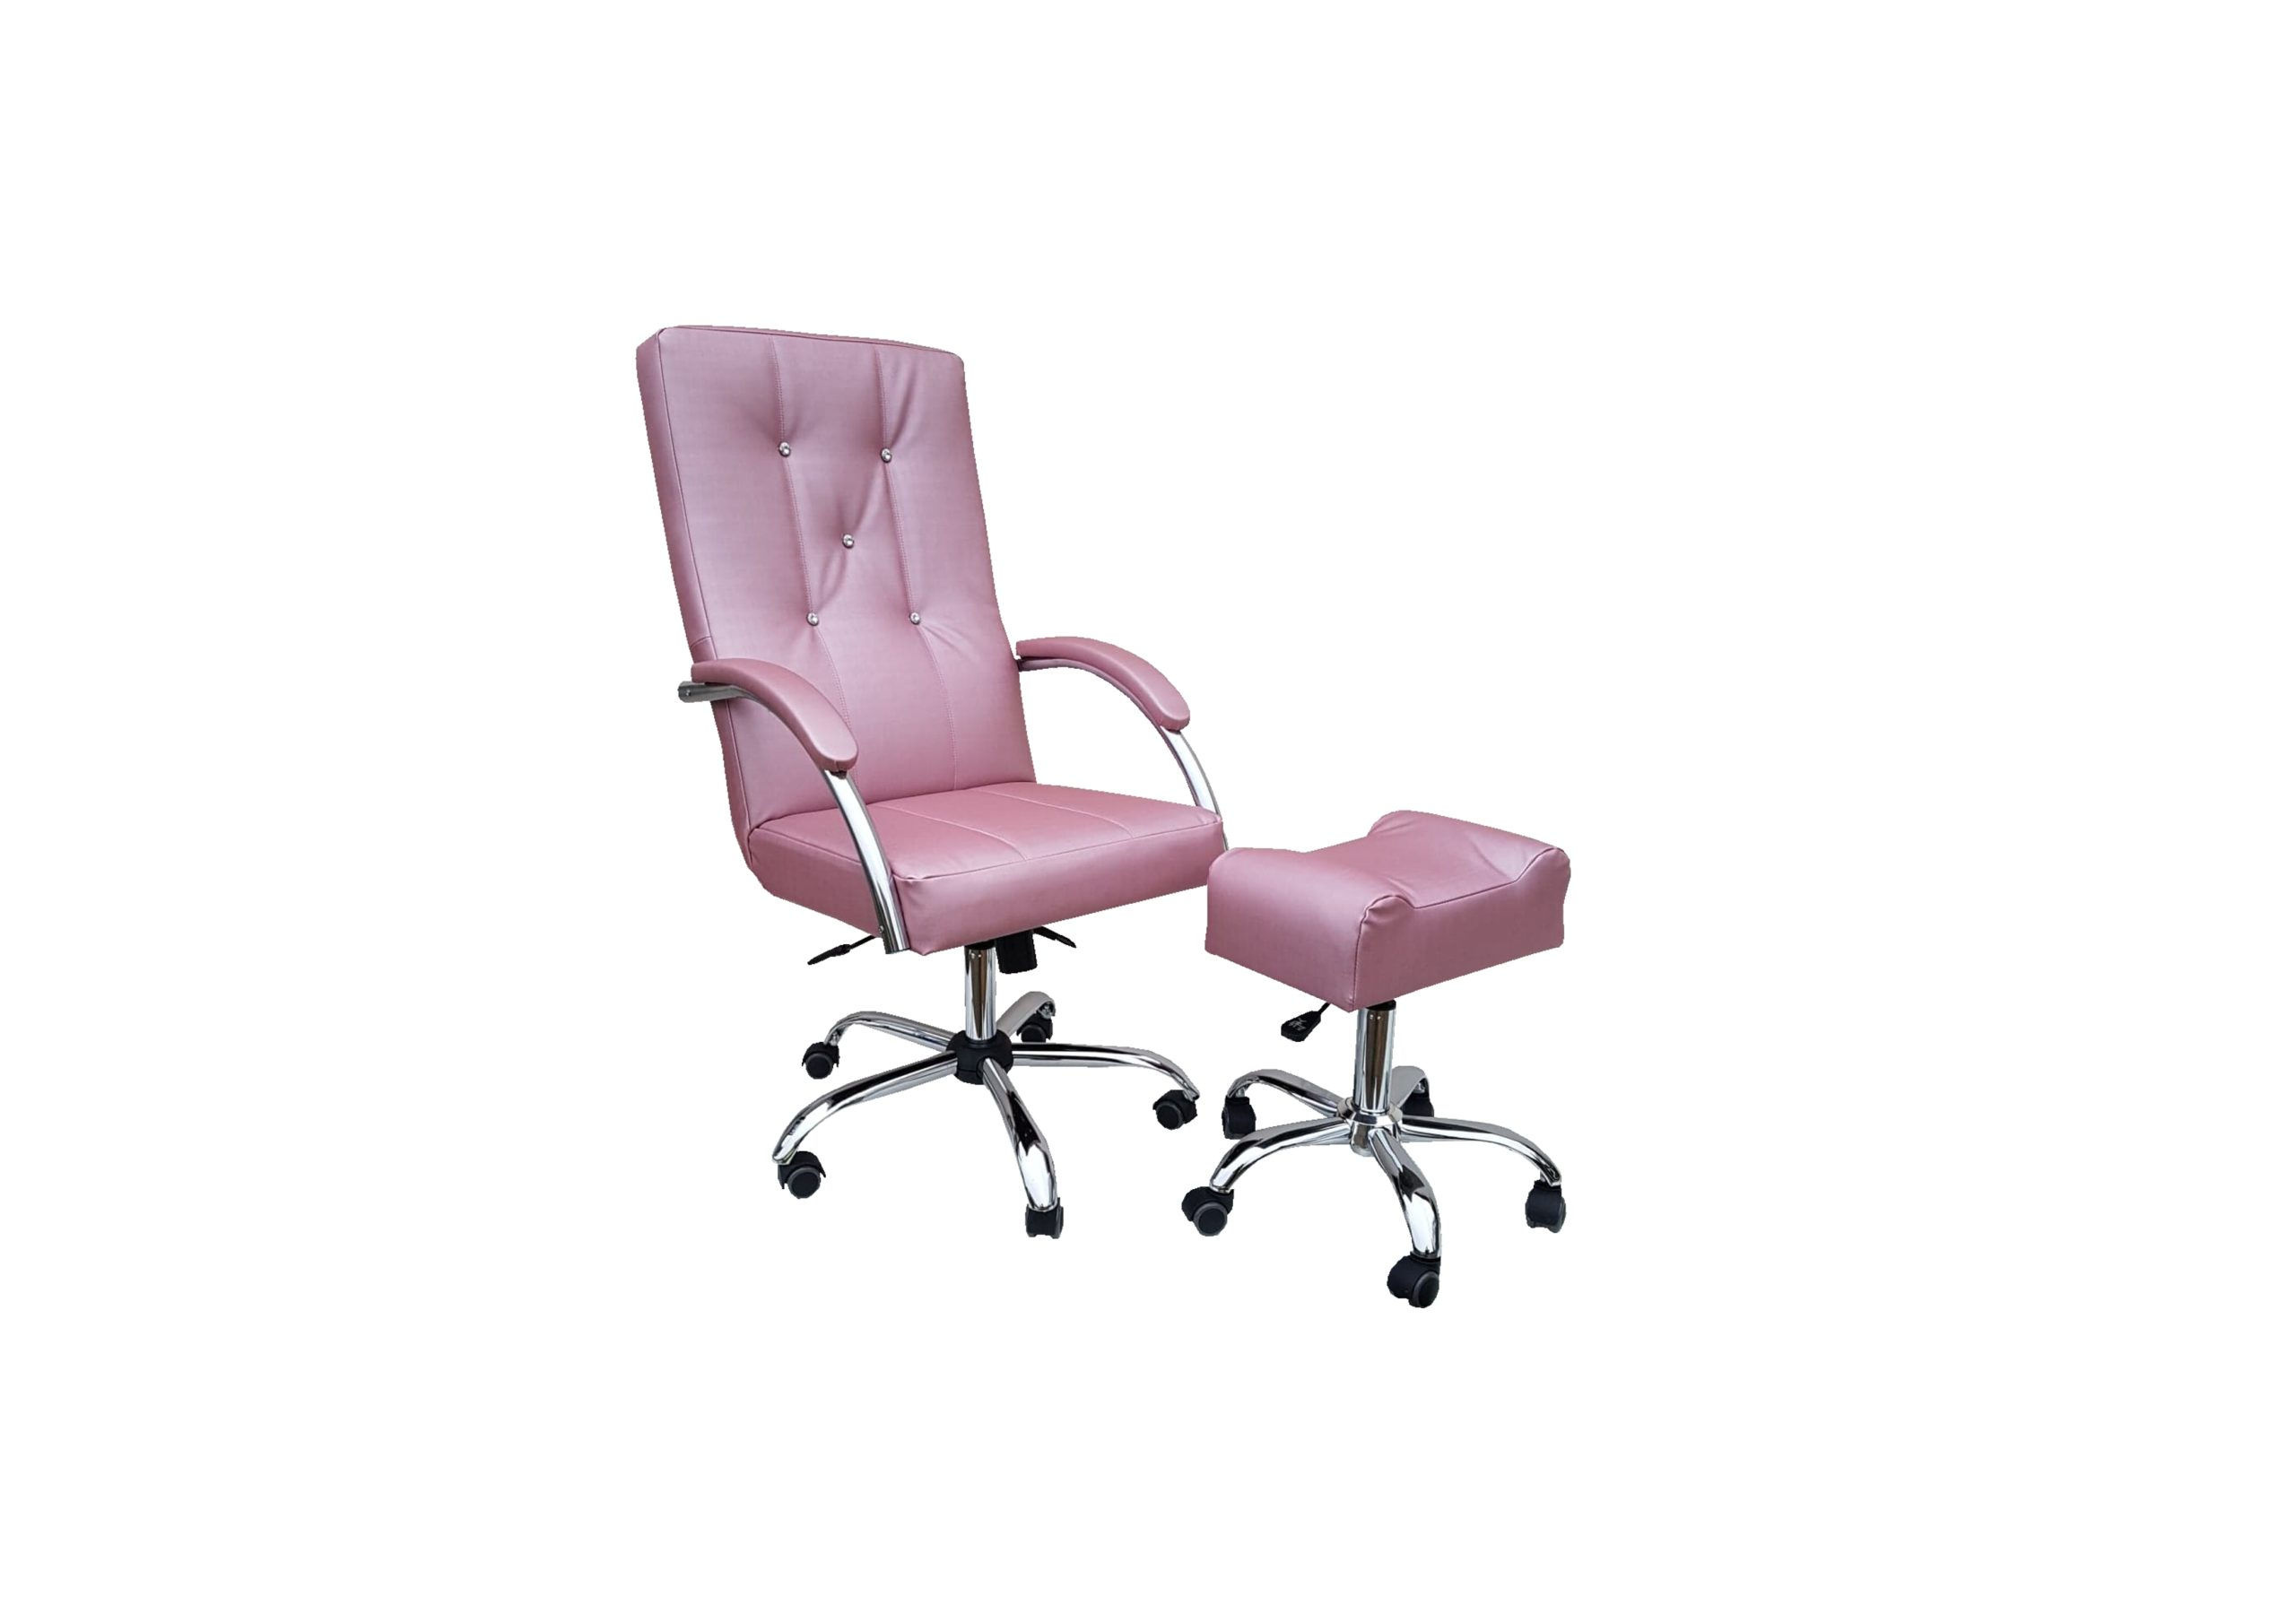 fotel pedicure manicure z podnóżkiem